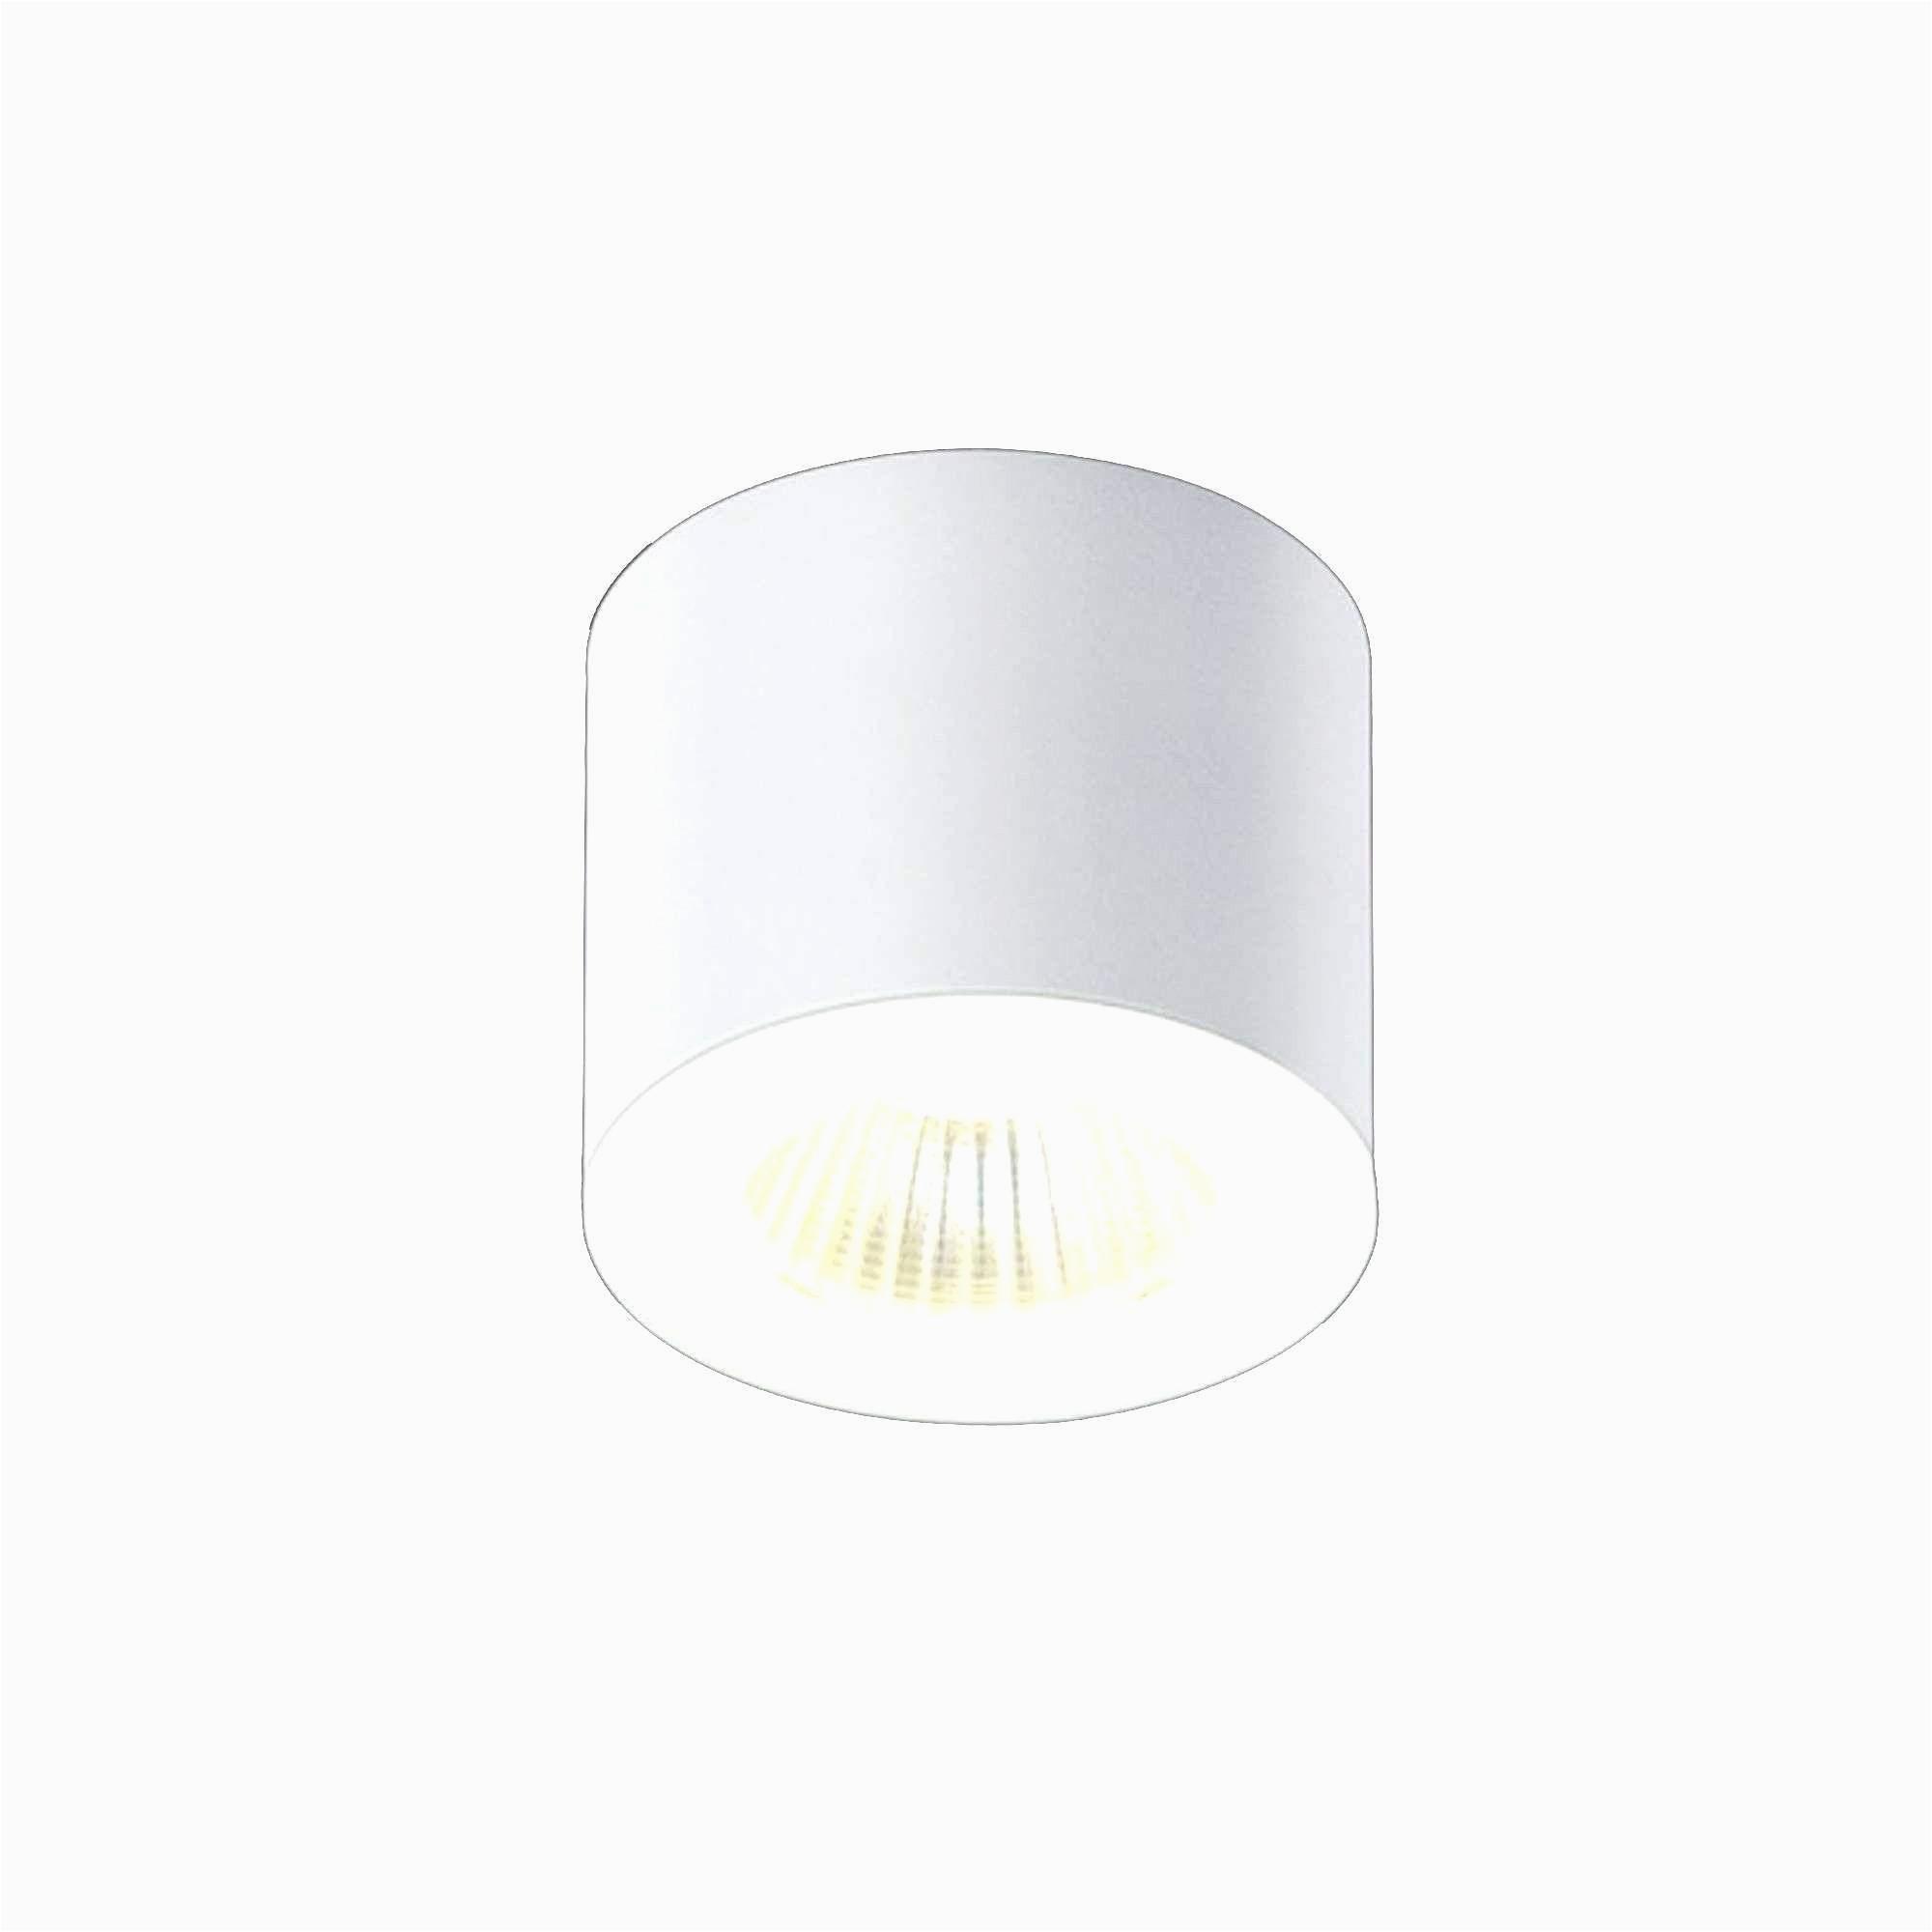 lampen wohnzimmer design elegant fresh graue wohnzimmer lampe unique graue wohnzimmer lampe of lampen wohnzimmer design